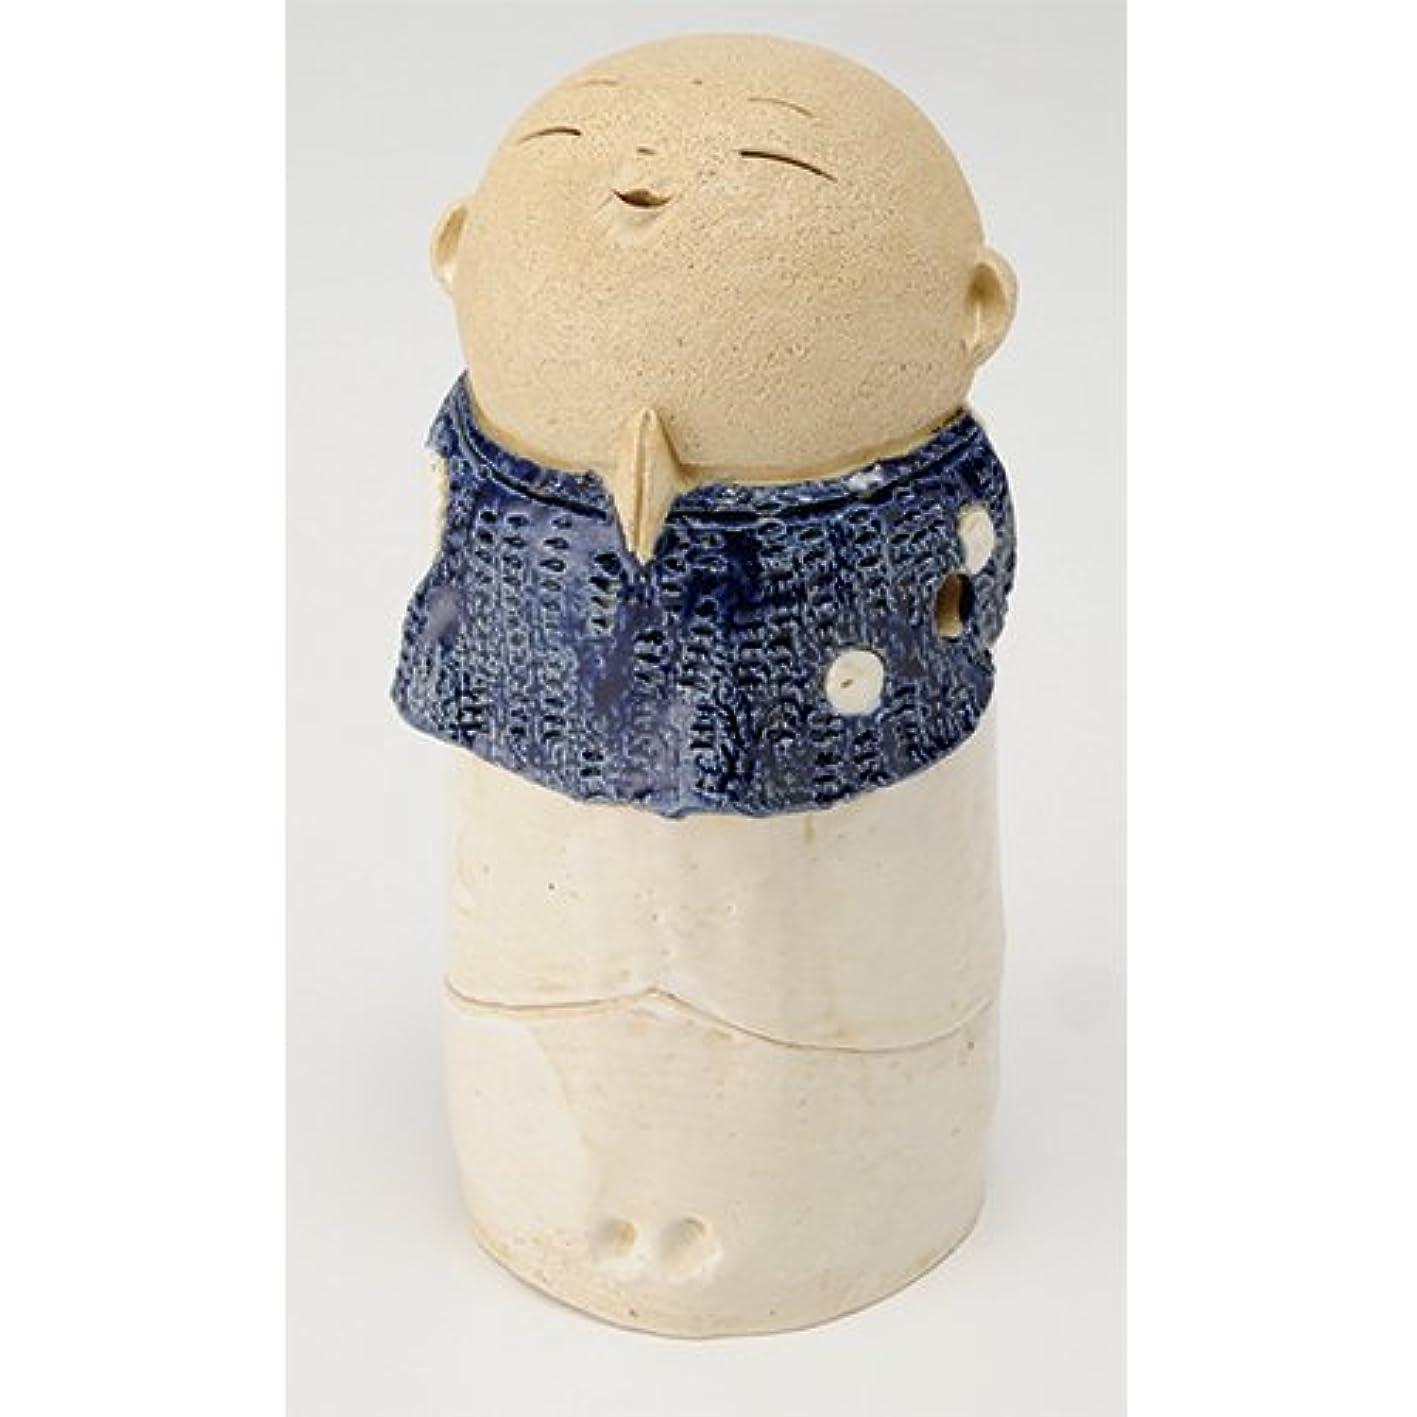 体系的にセーター滴下お地蔵様 香炉シリーズ 前掛 お地蔵様 香炉 5.3寸(大) [H16cm] HANDMADE プレゼント ギフト 和食器 かわいい インテリア